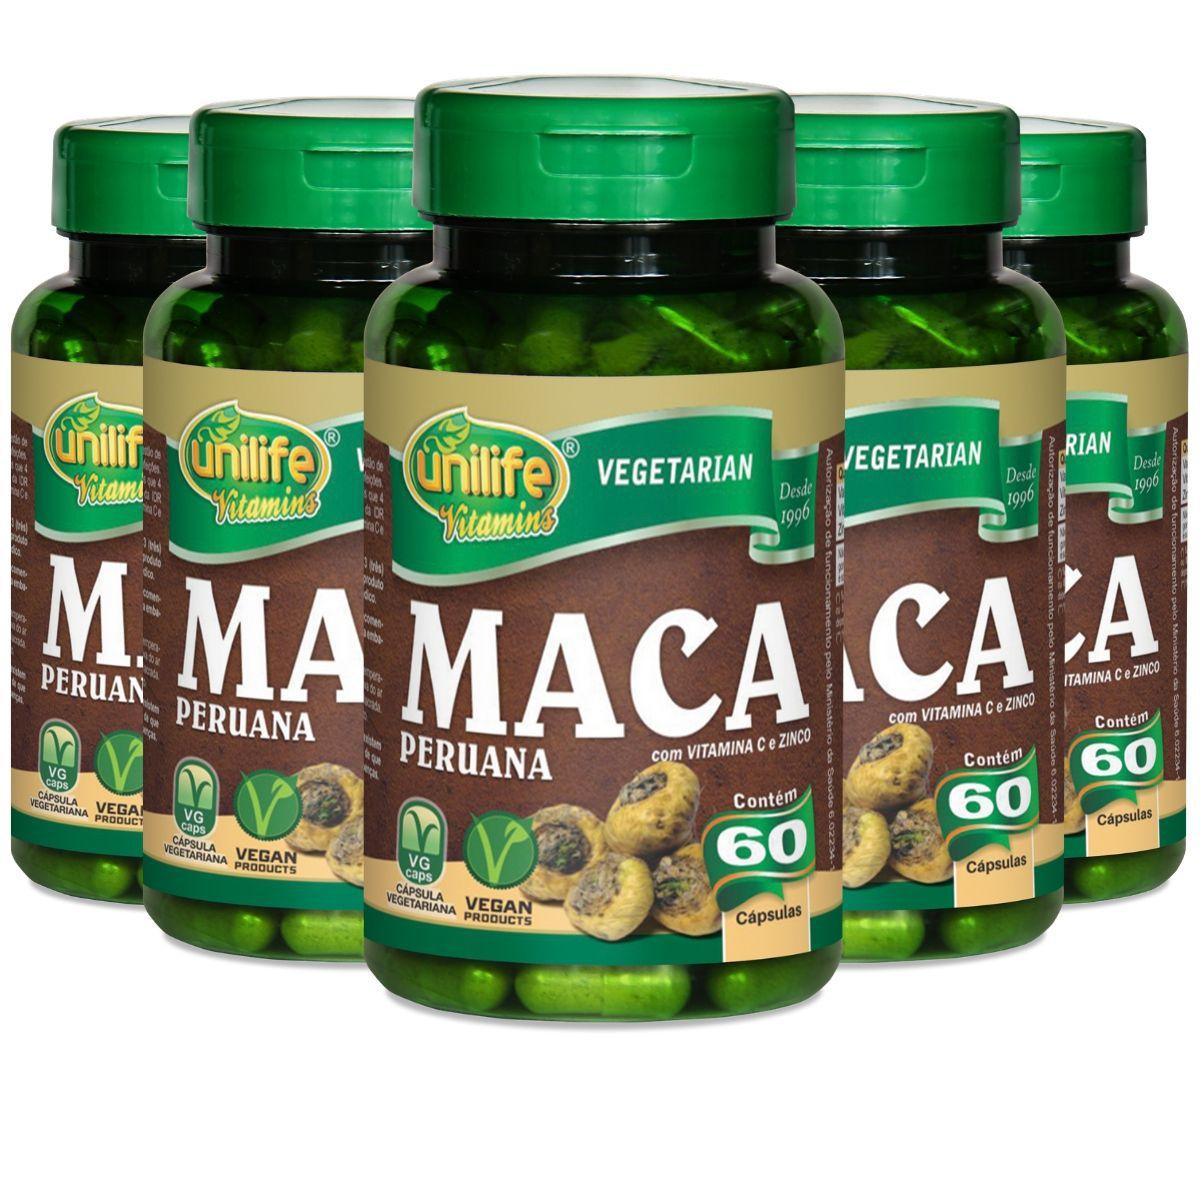 Kit 5 Maca Peruana C/ Vitaminas 550mg 60 Cápsulas - Unilife